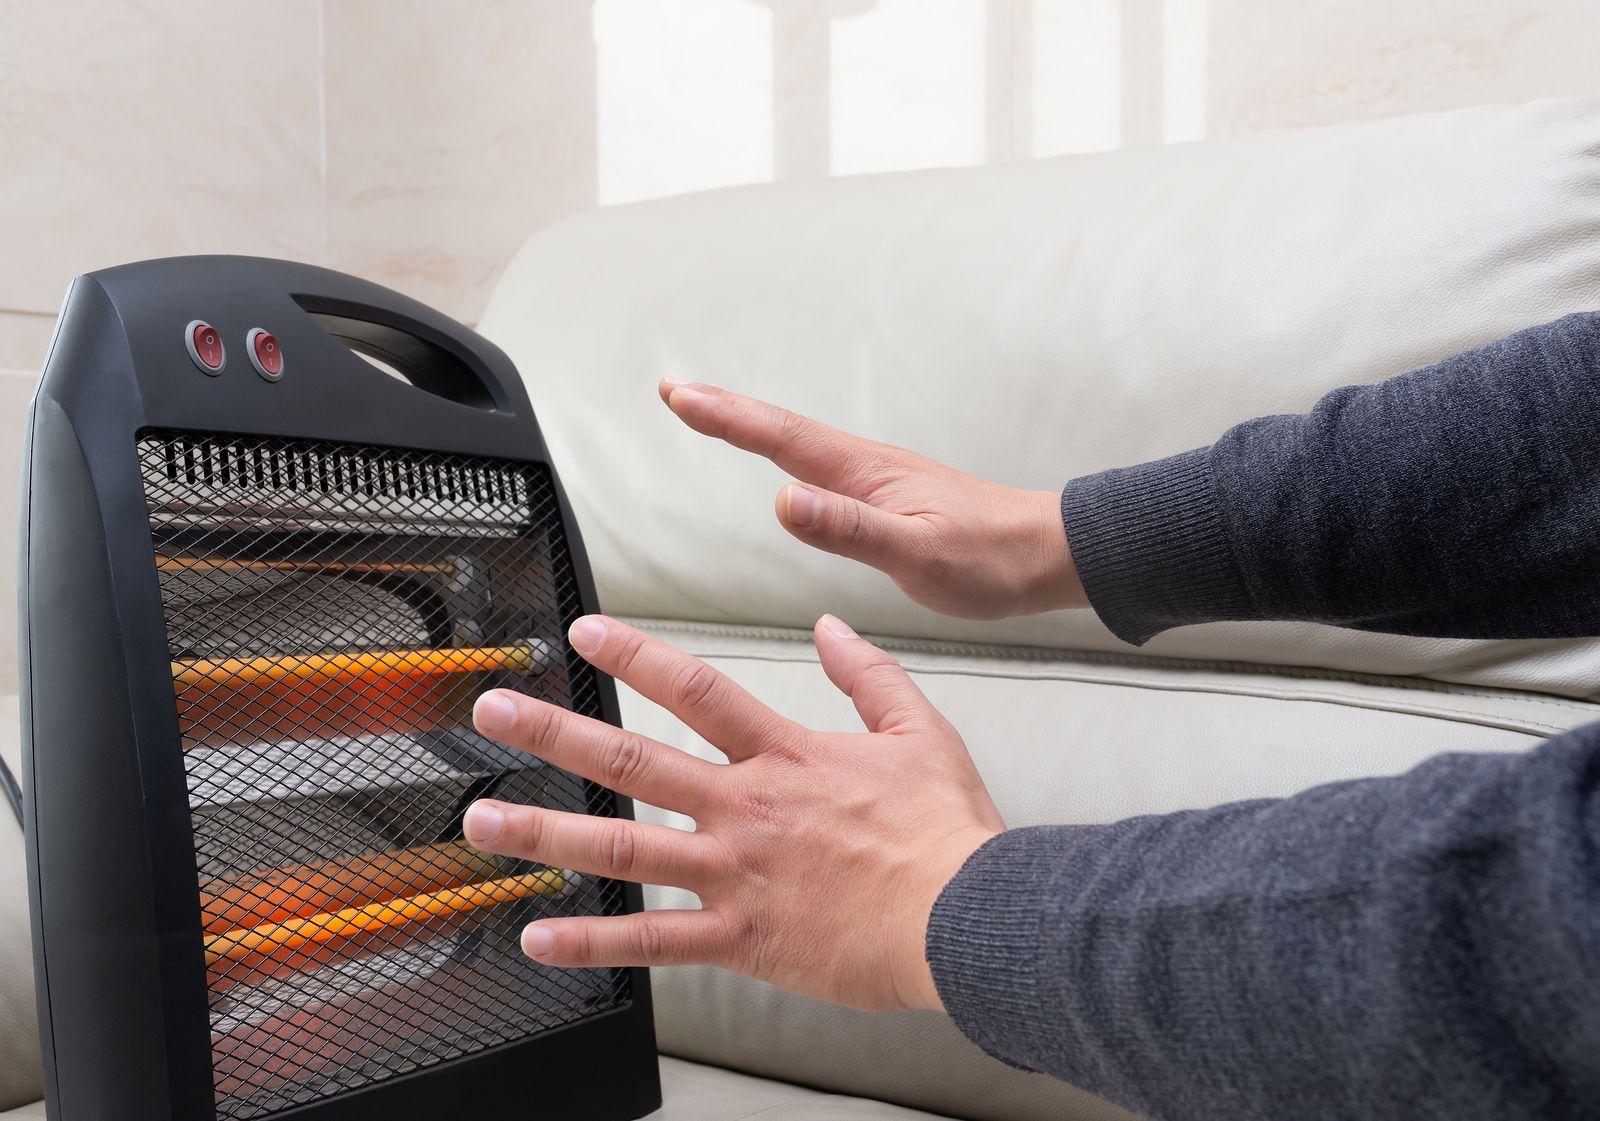 Calefactor, radiador o aire acondicionado: cuál consume menos luz